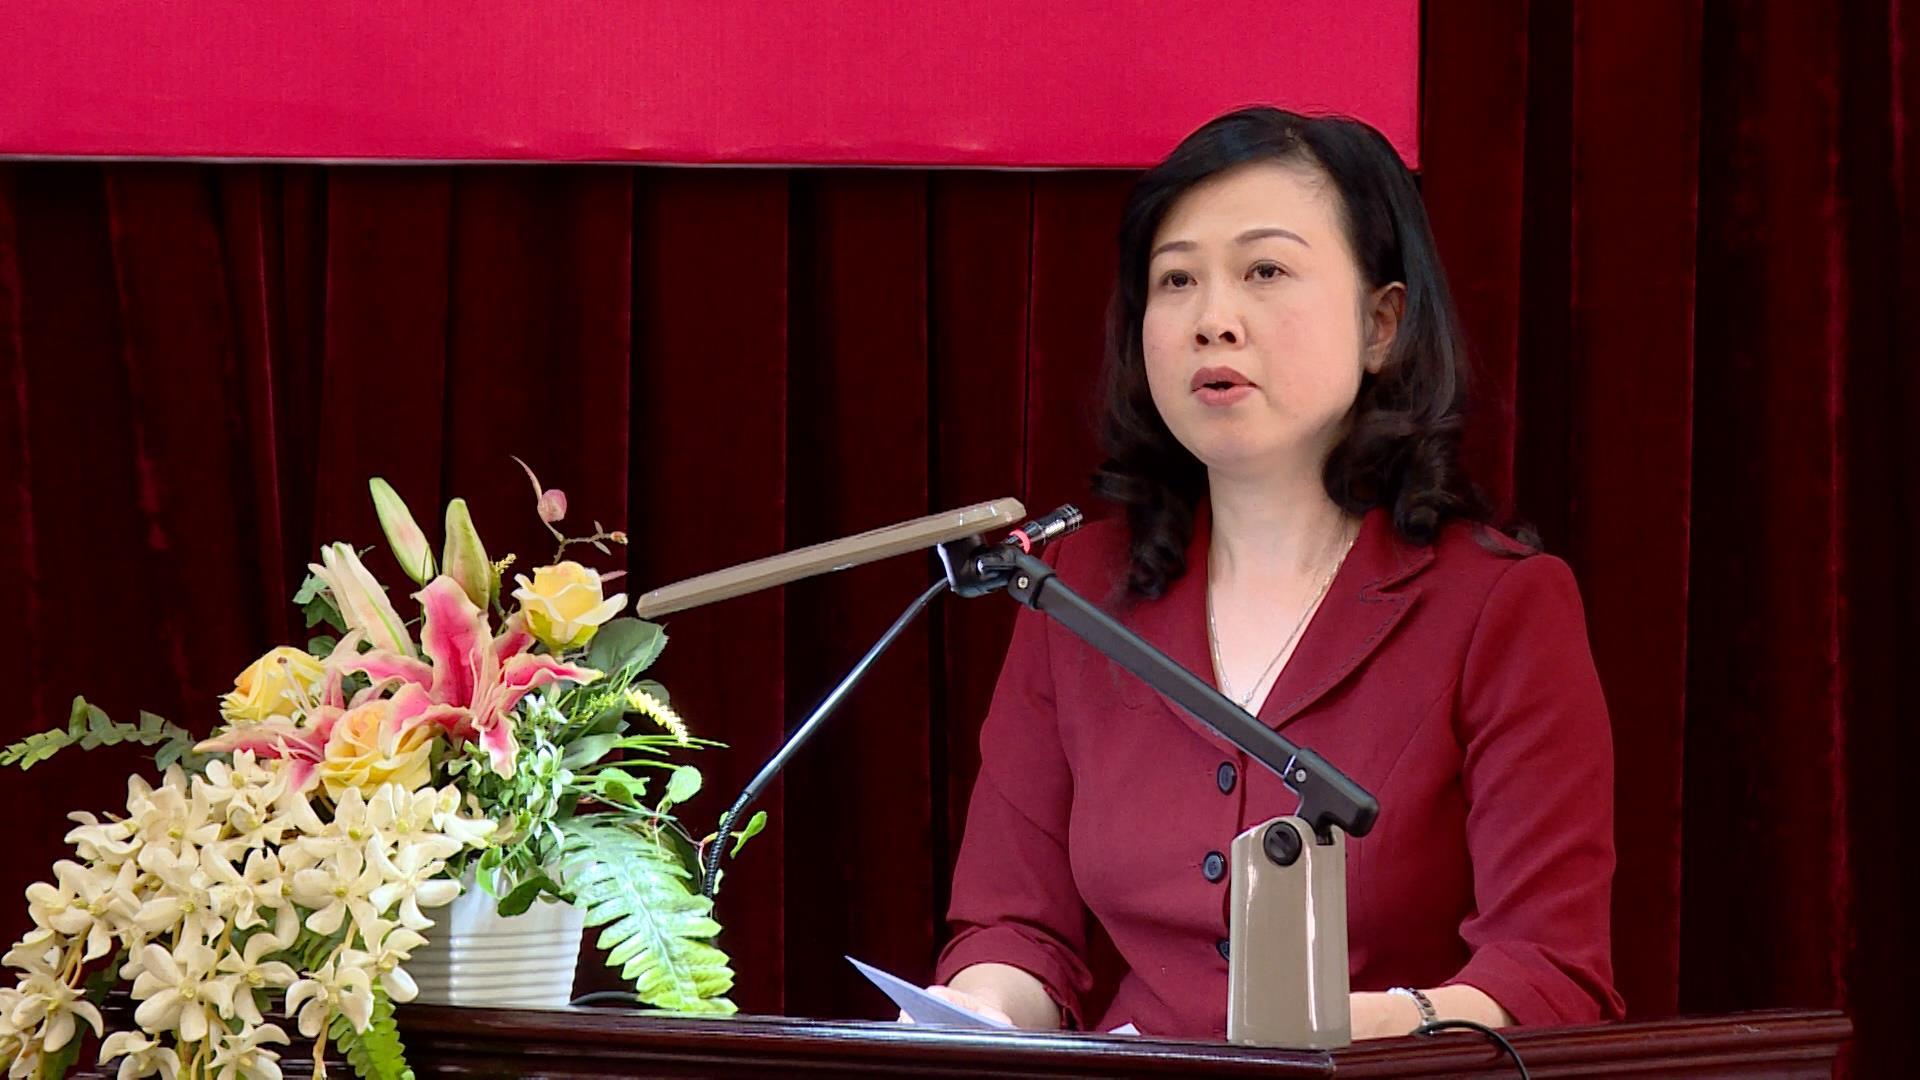 Hội nghị trực tuyến thông báo kết quả Hội nghị lần thứ 12 Ban Chấp hành Trung ương Đảng (khóa XII)